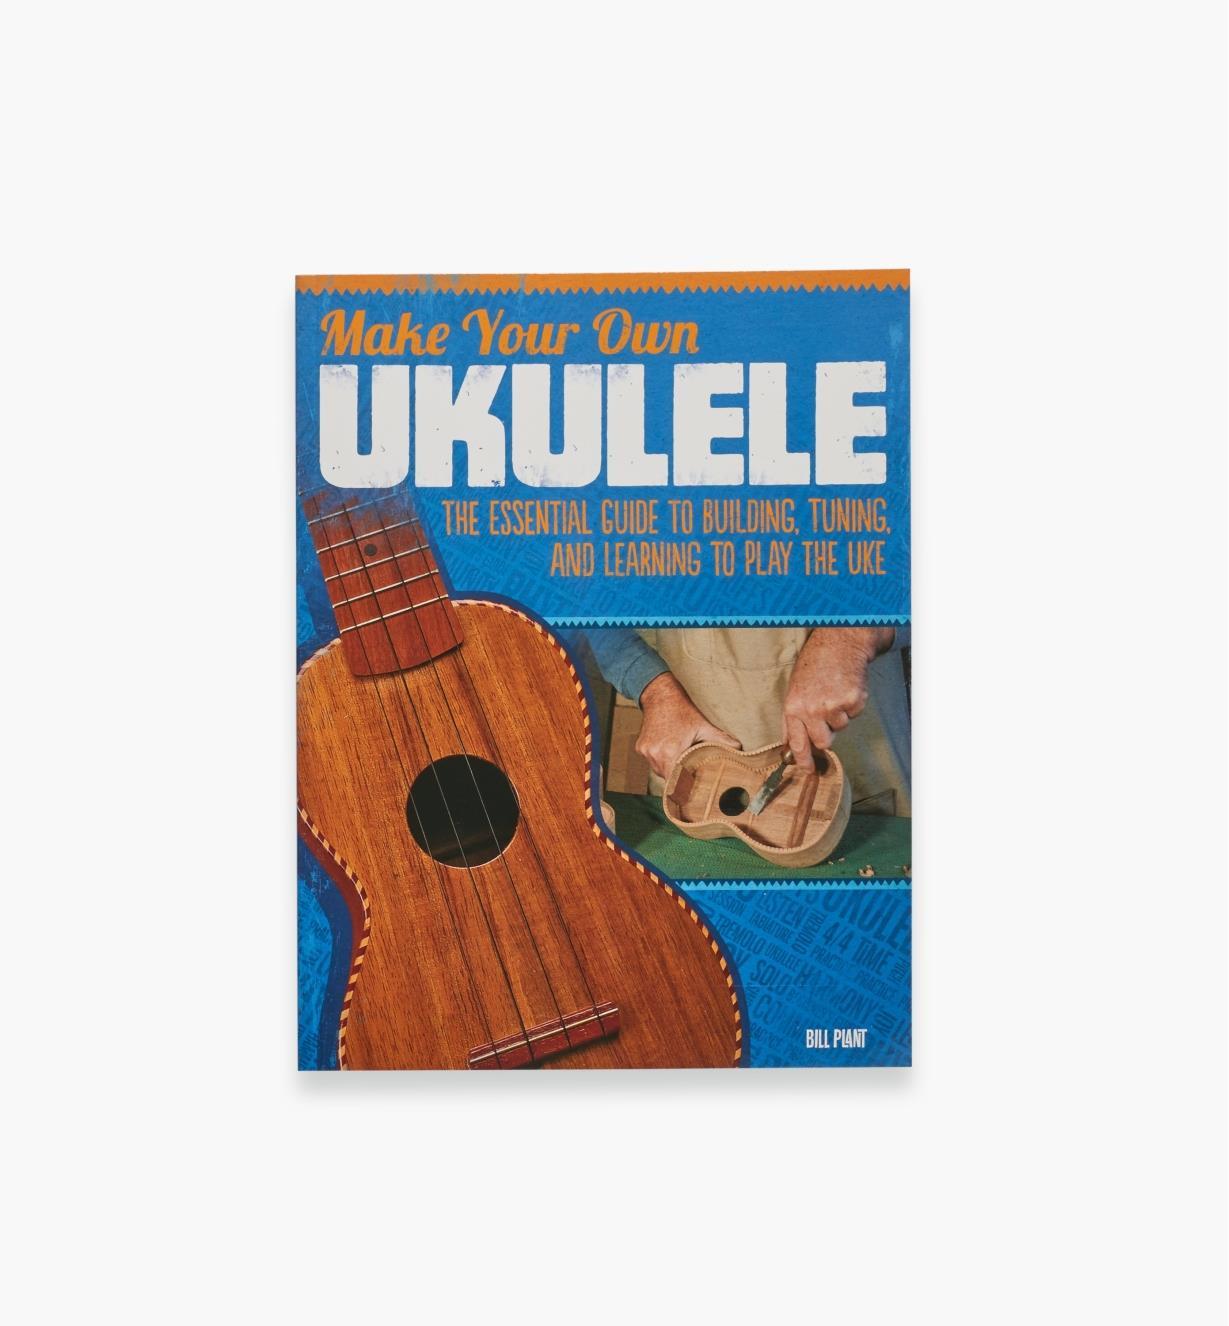 49L5085 - Make Your Own Ukulele